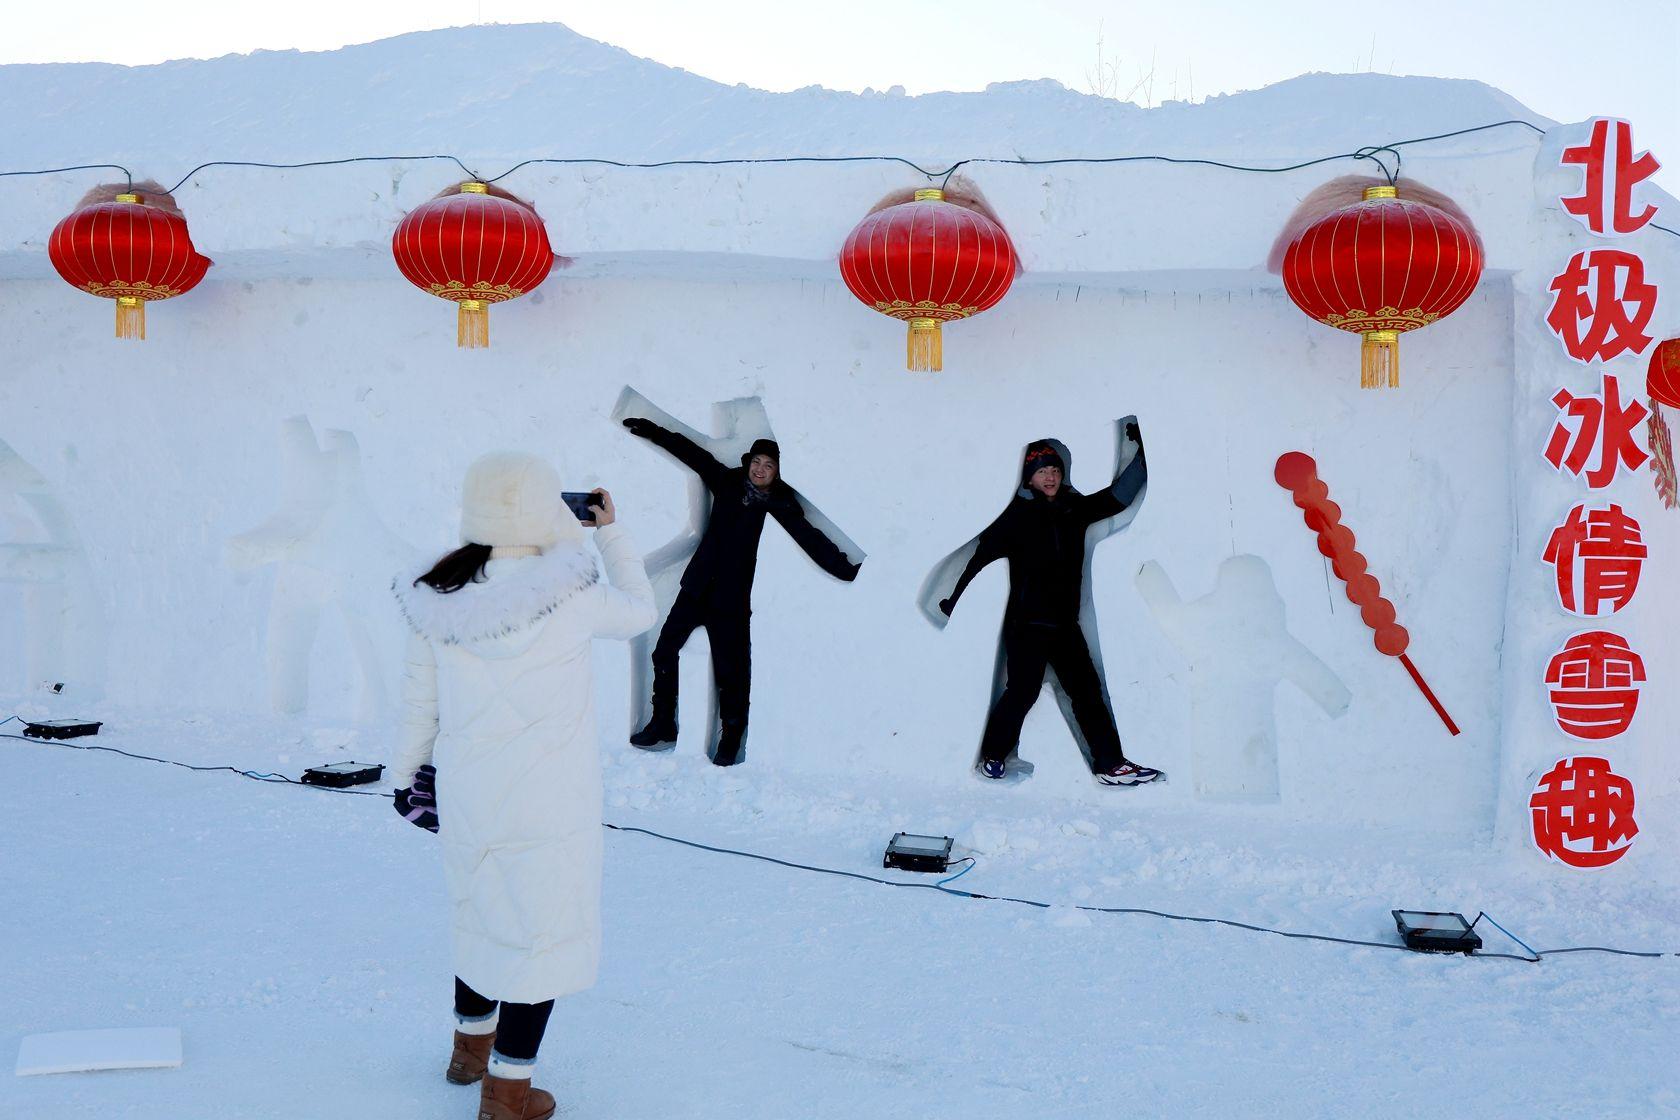 南方游客初见漠河冰雕雪塑连称超乎想象图片